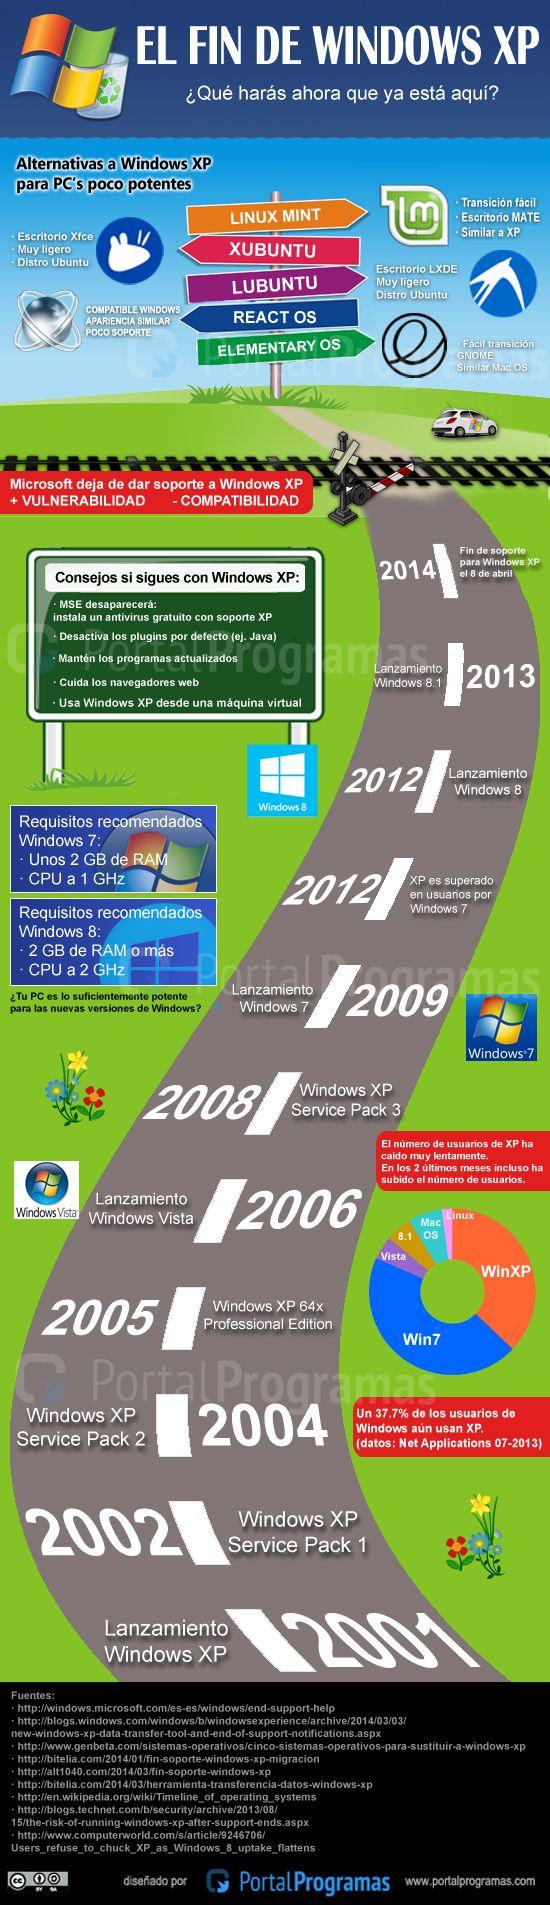 El fin de #Windows XP... ¿Que harás ahora que ya está aquí? - #Infografía http://www.portalprogramas.com/milbits/informatica/fin-windows-xp-infografia.html